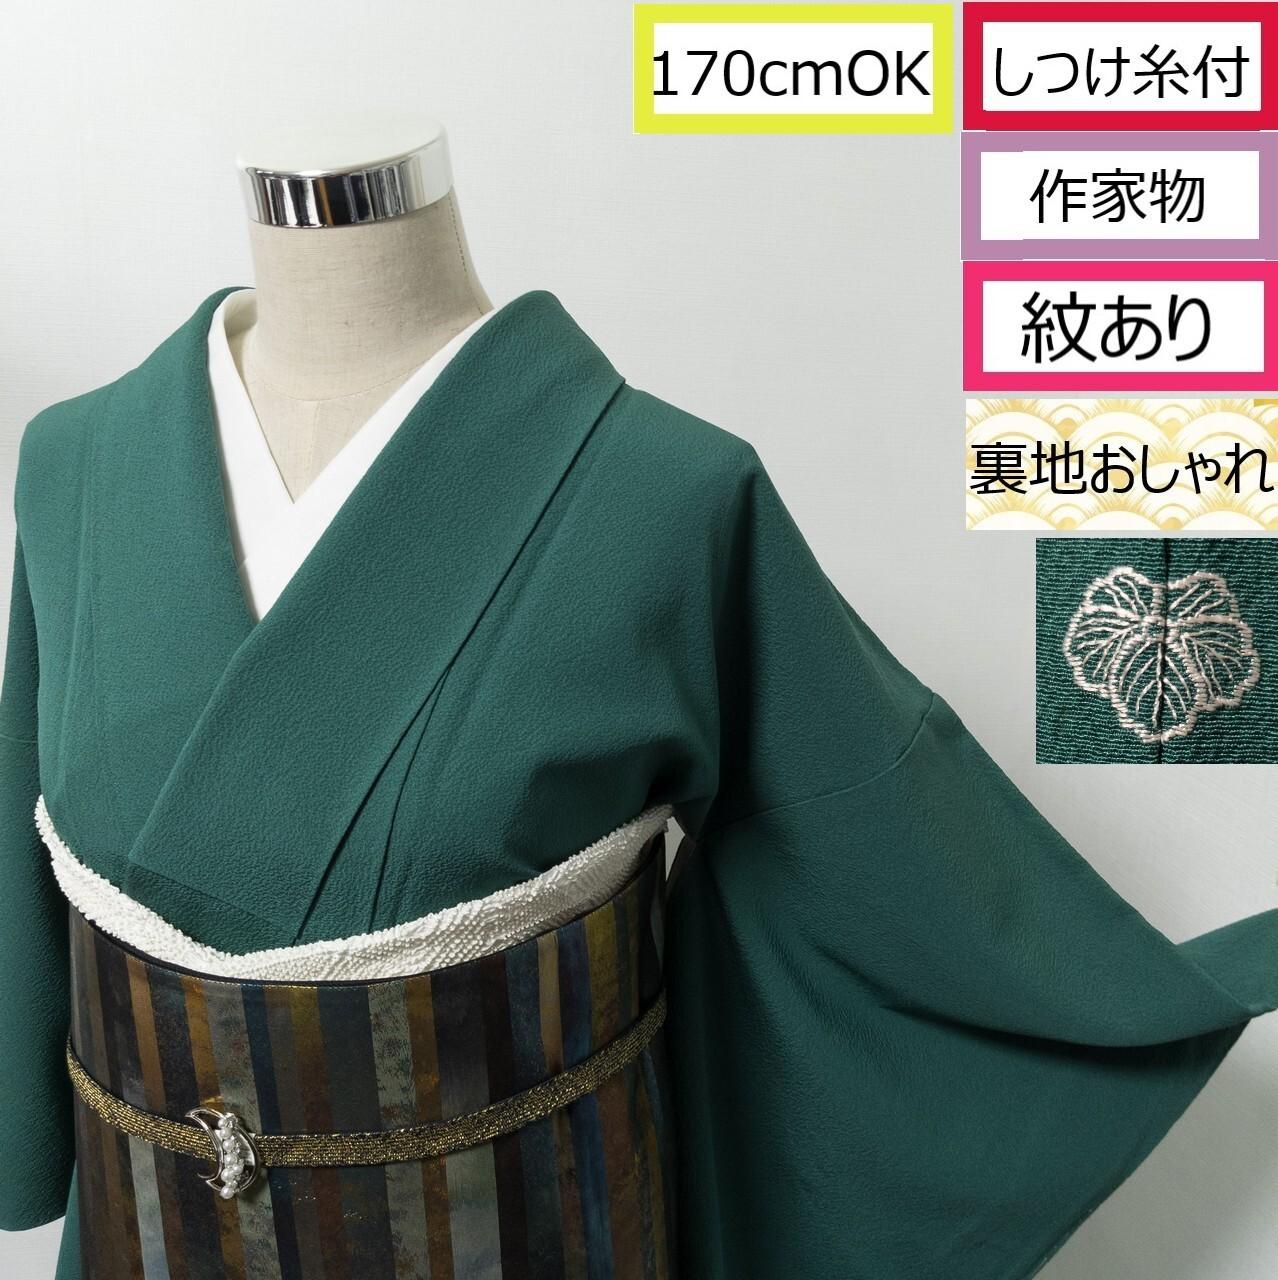 【未使用】草野一騎作 一つ紋(縫い紋)マットな質感 色無地 ディープグリーン 丈168裄67.5